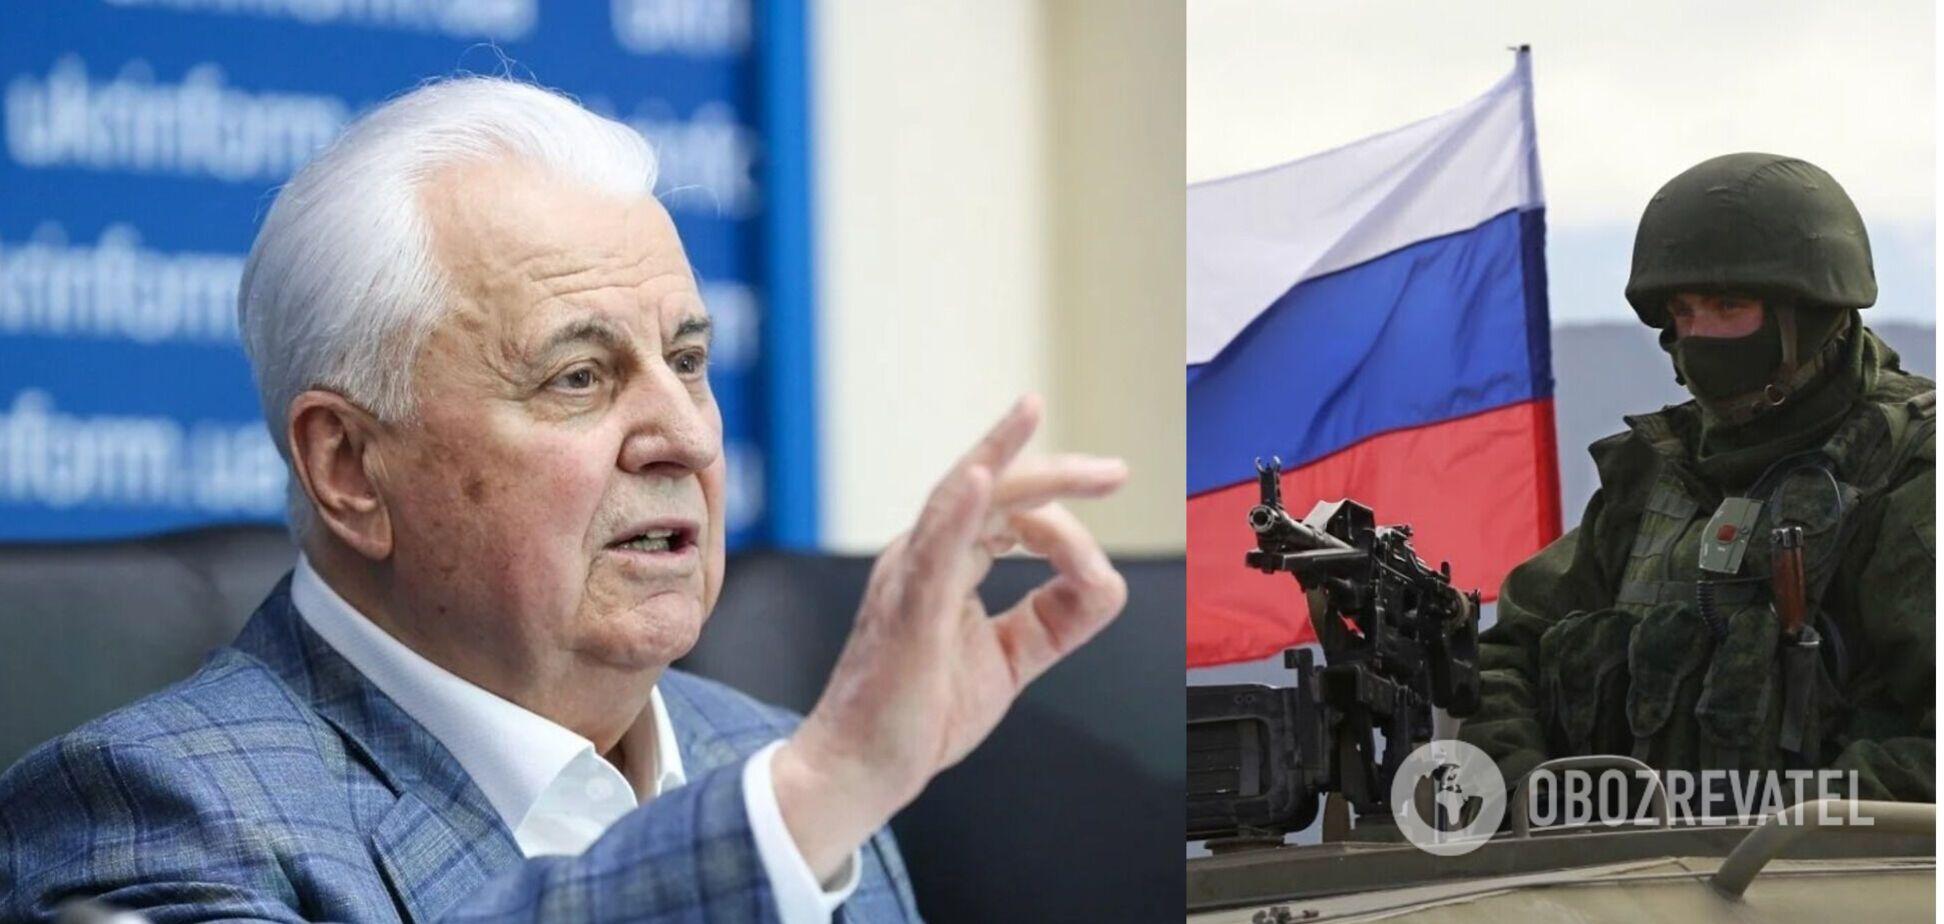 Кравчук рассказал, кого будут судить за сотрудничество с 'Л/ДНР'